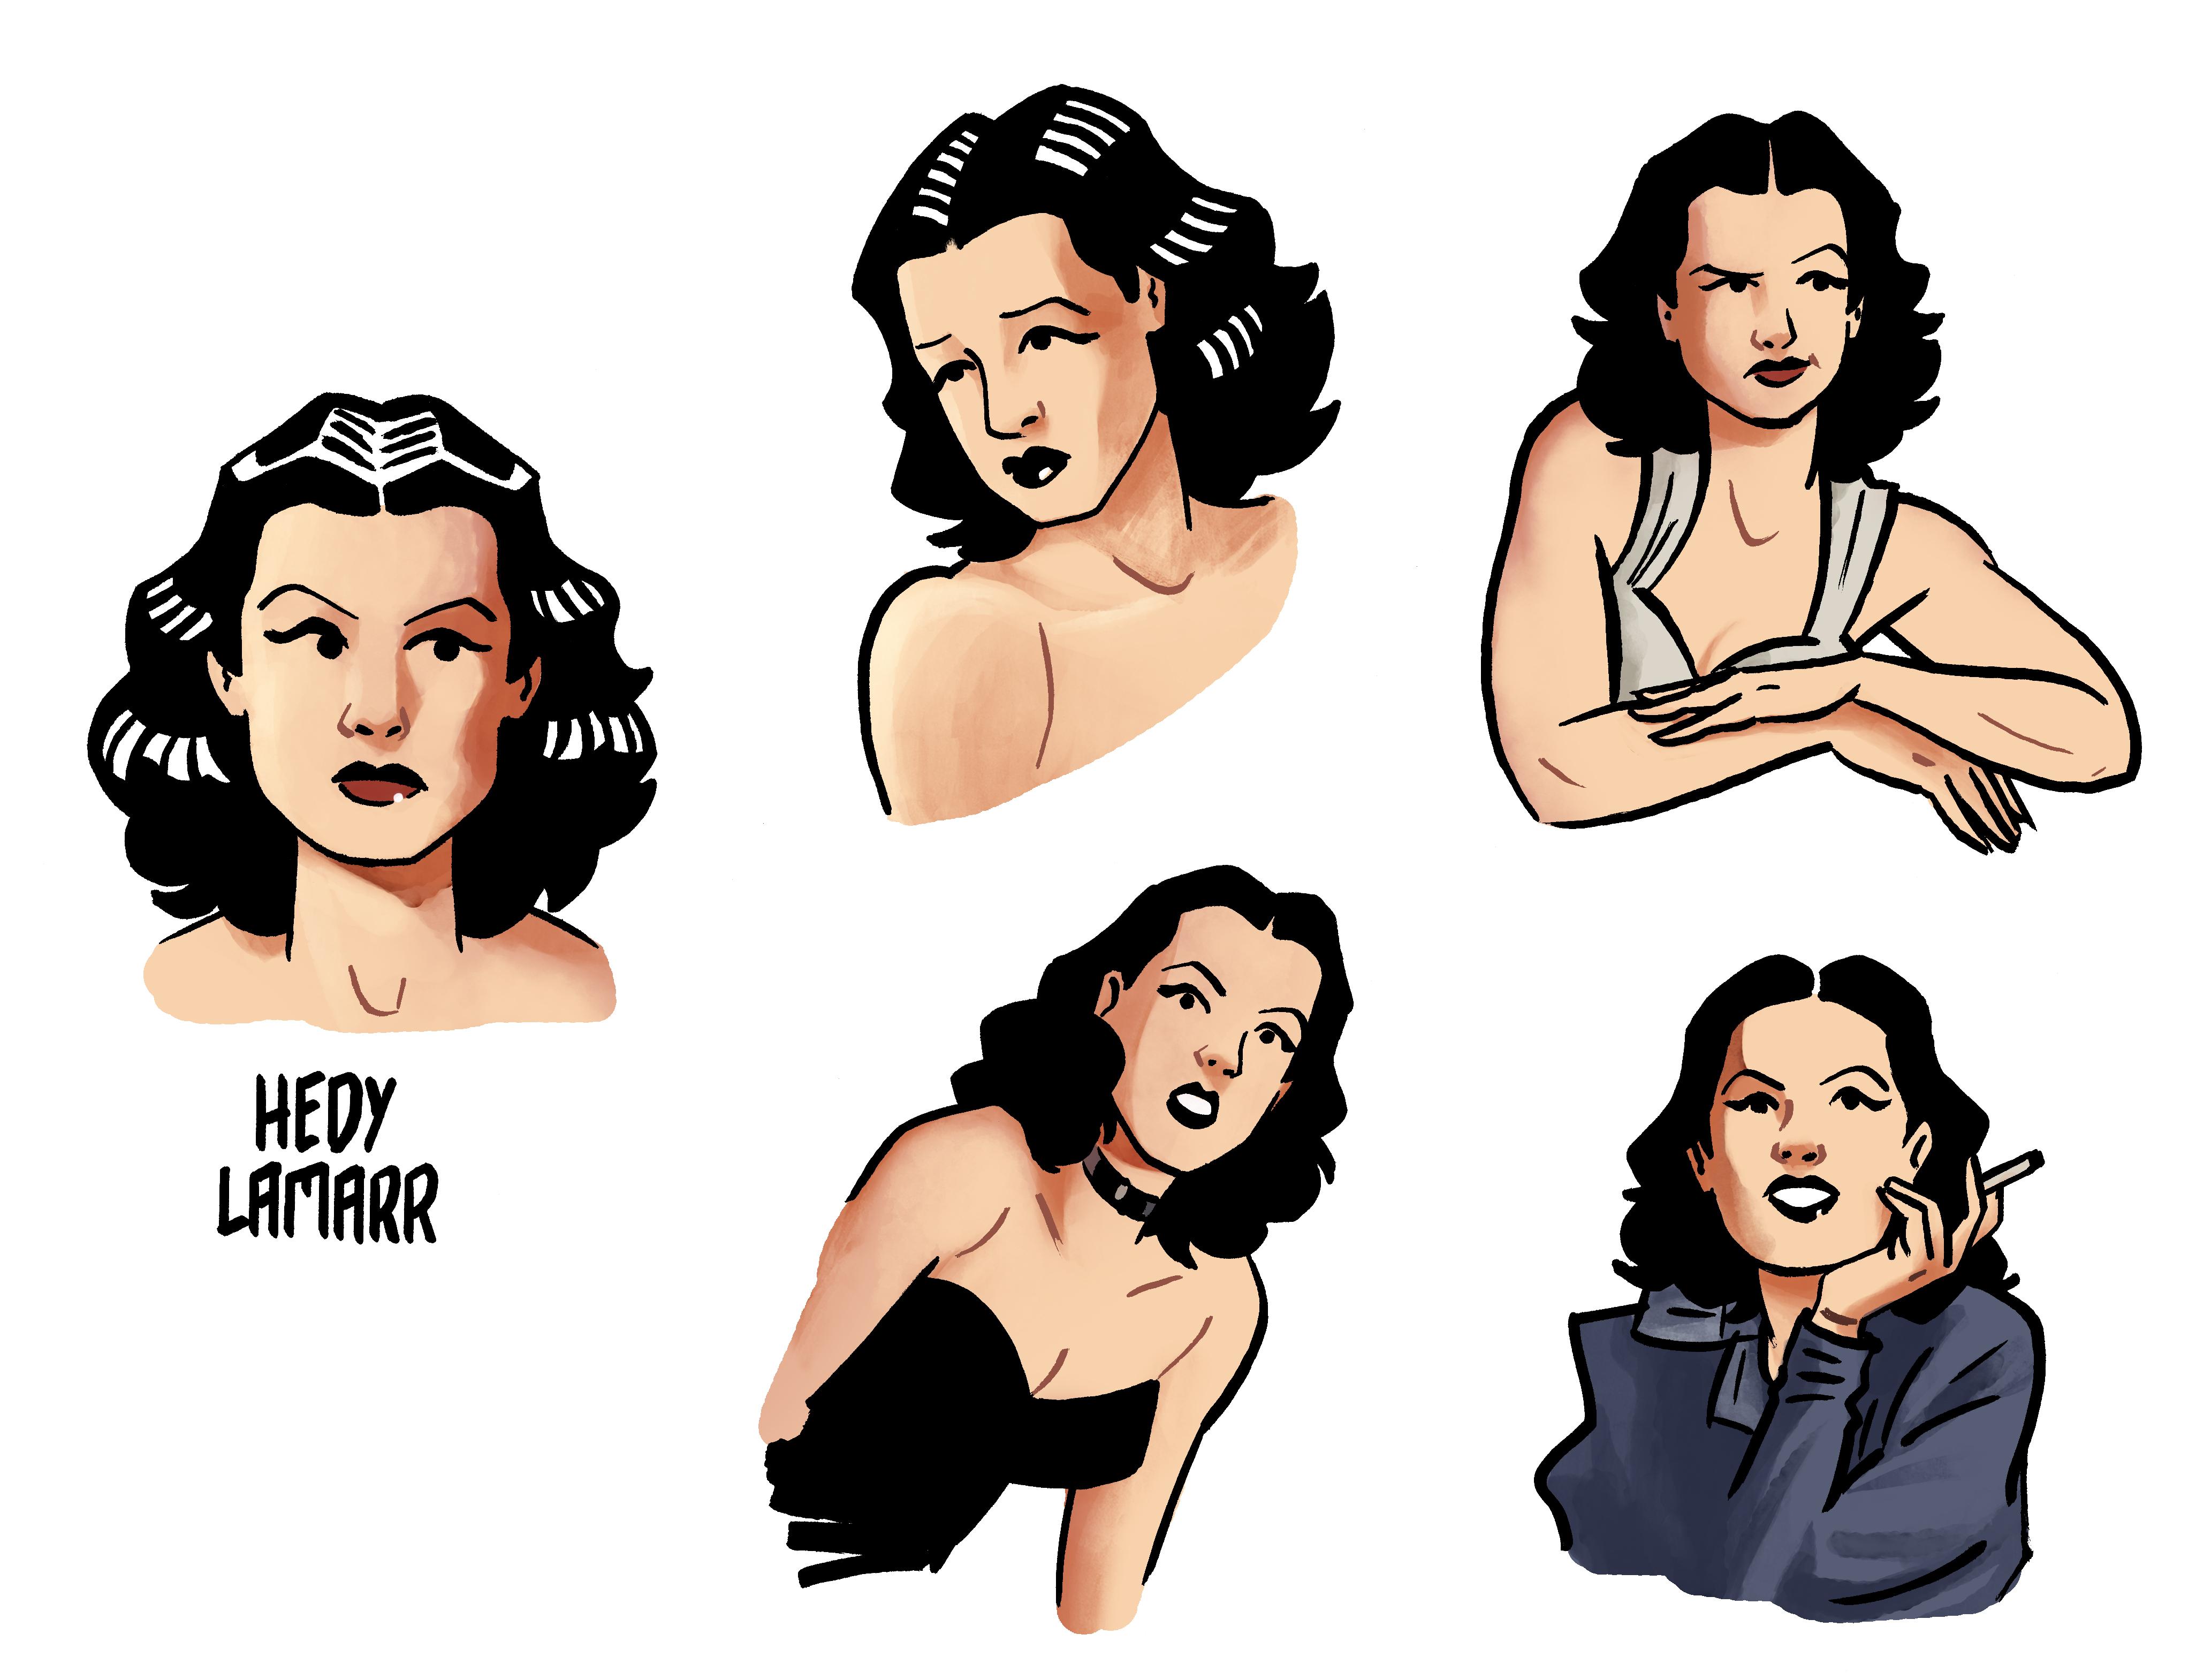 comic de espionaje sobre la biografía de Hedy Lamarr